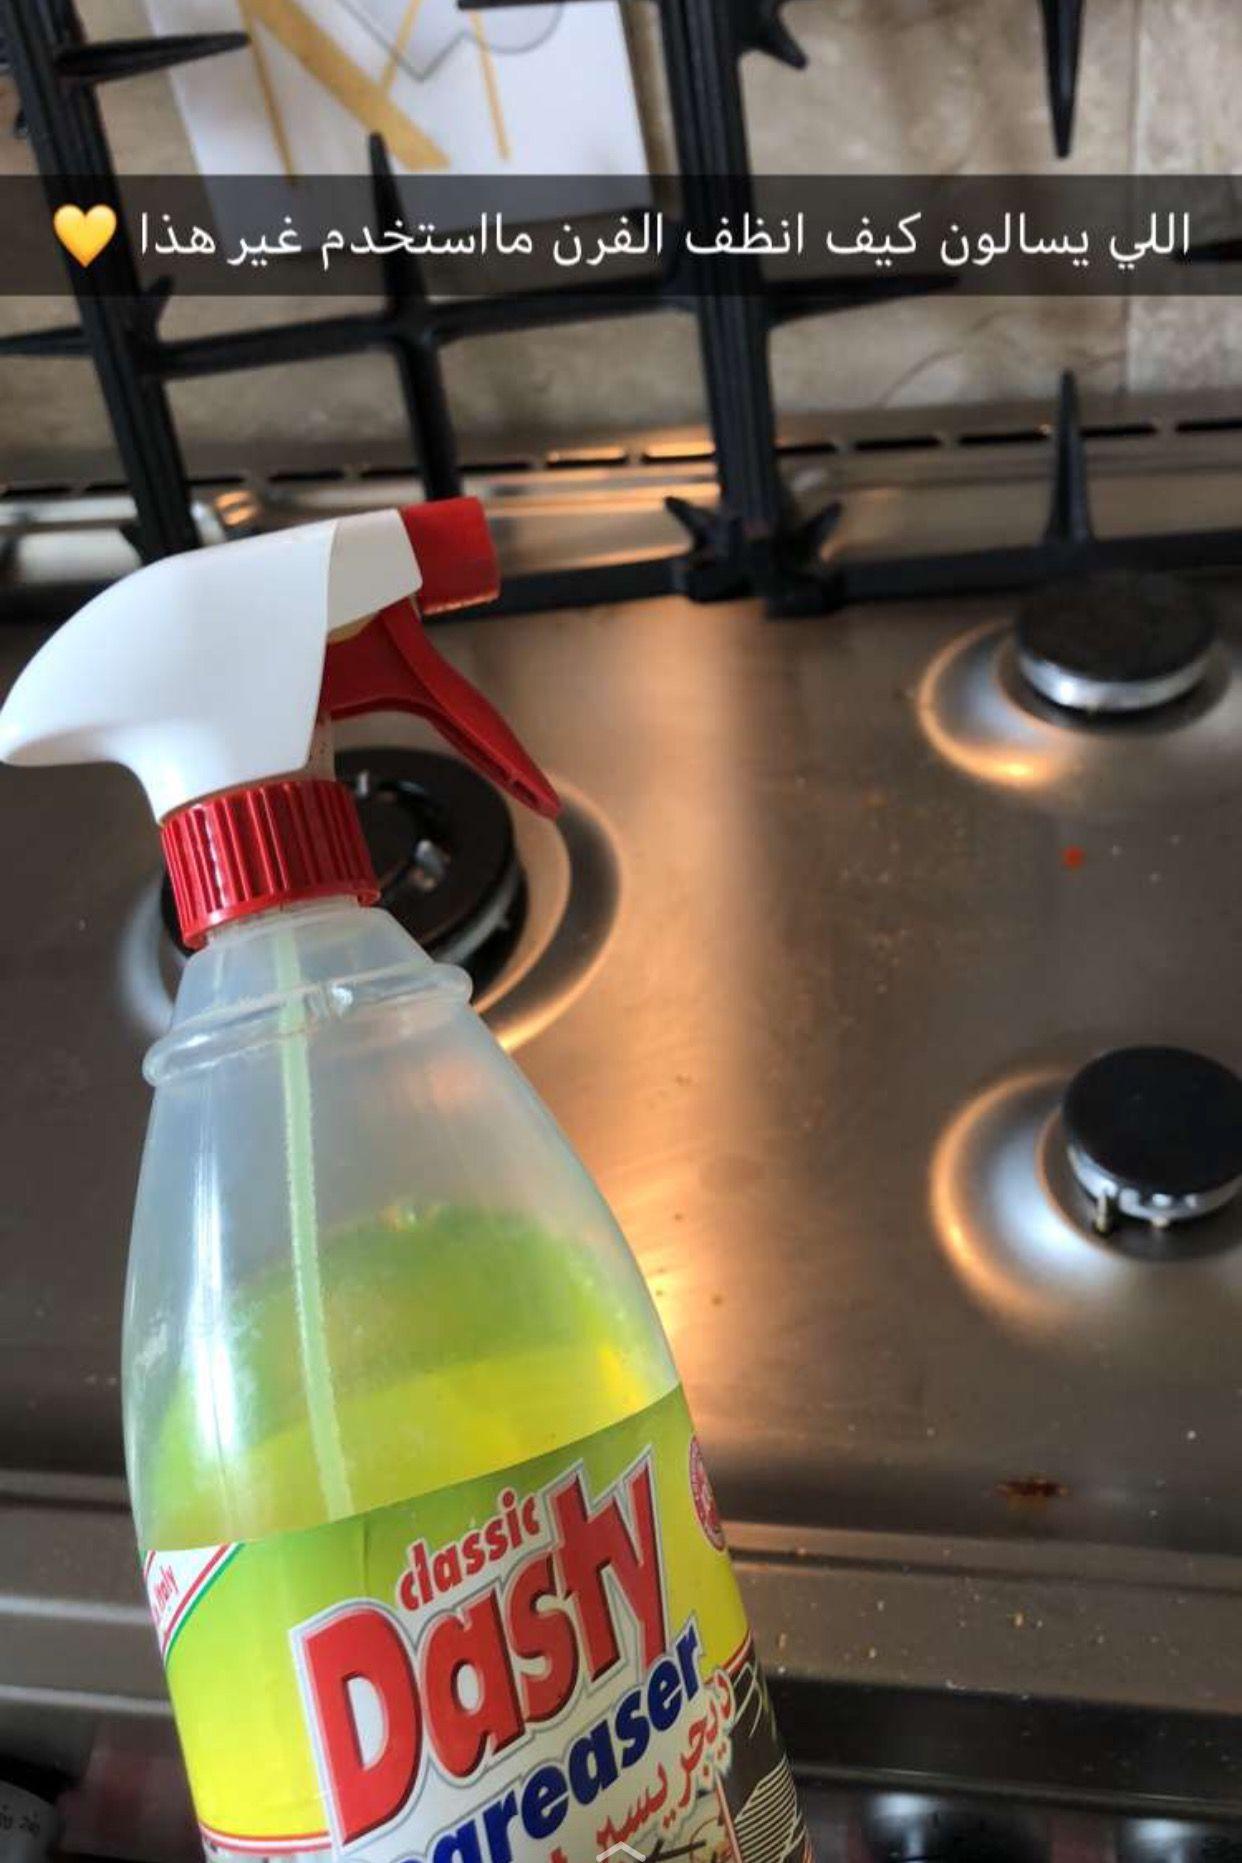 منظف الافران House Cleaning Checklist House Cleaning Tips Clean House